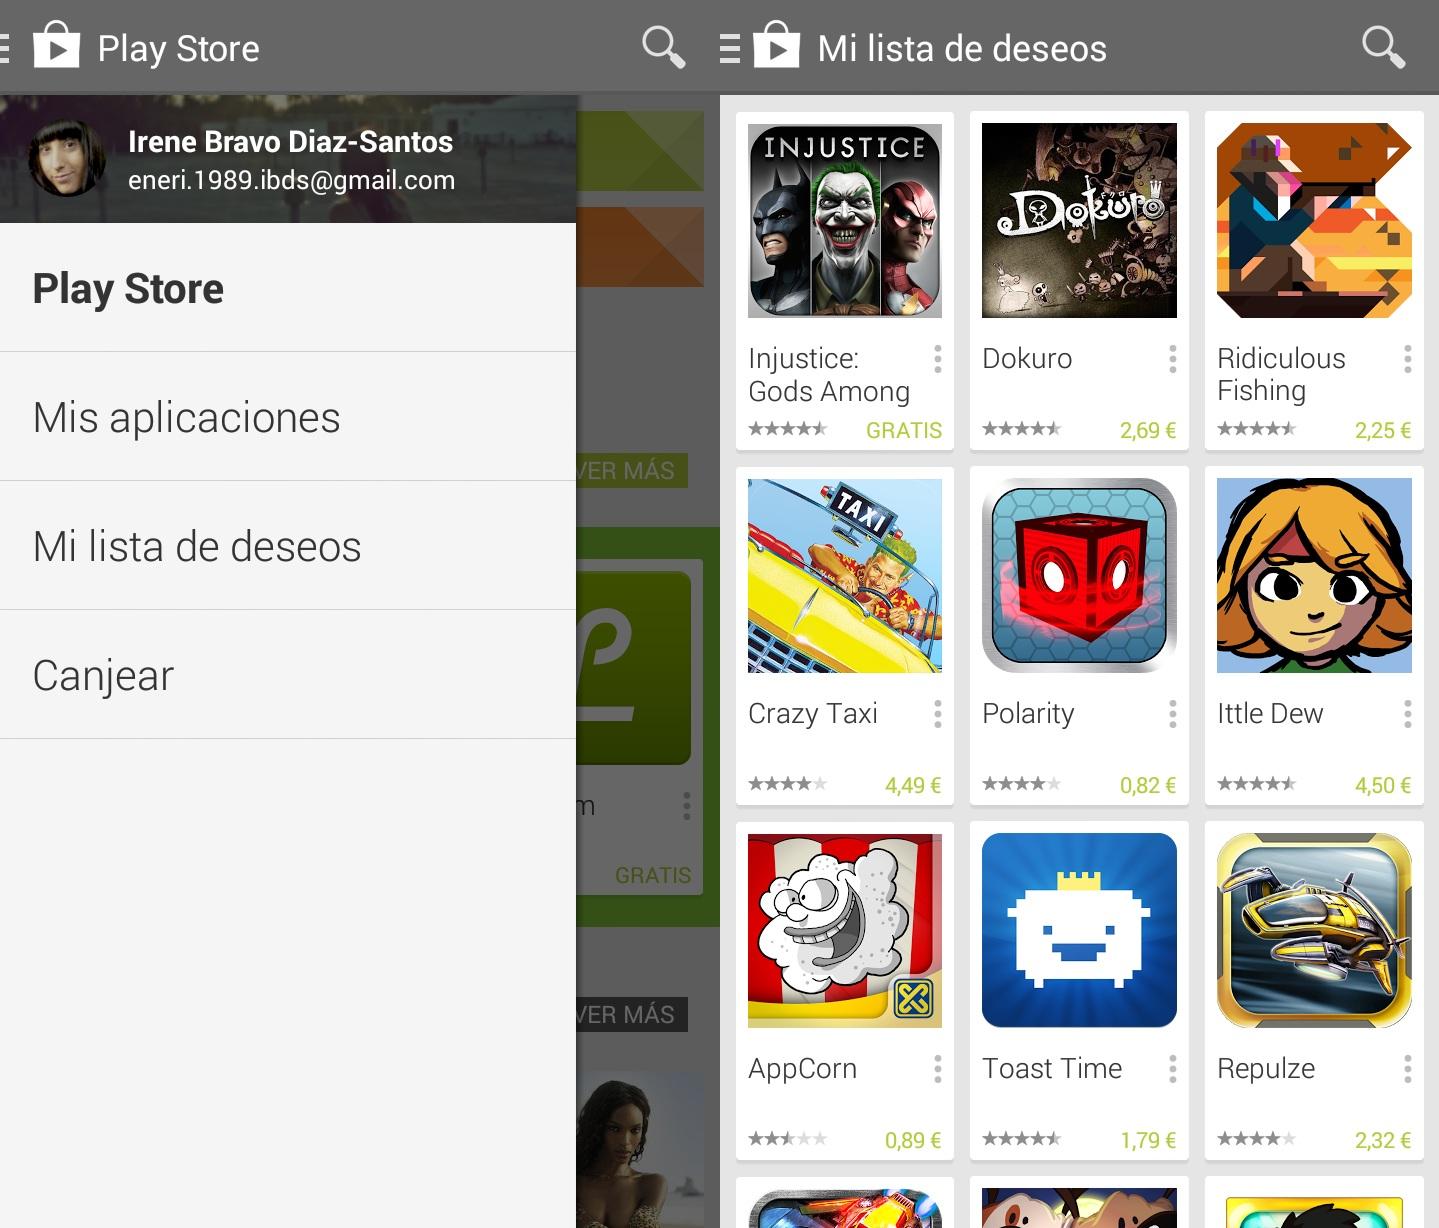 Mi lista de deseos Google Play